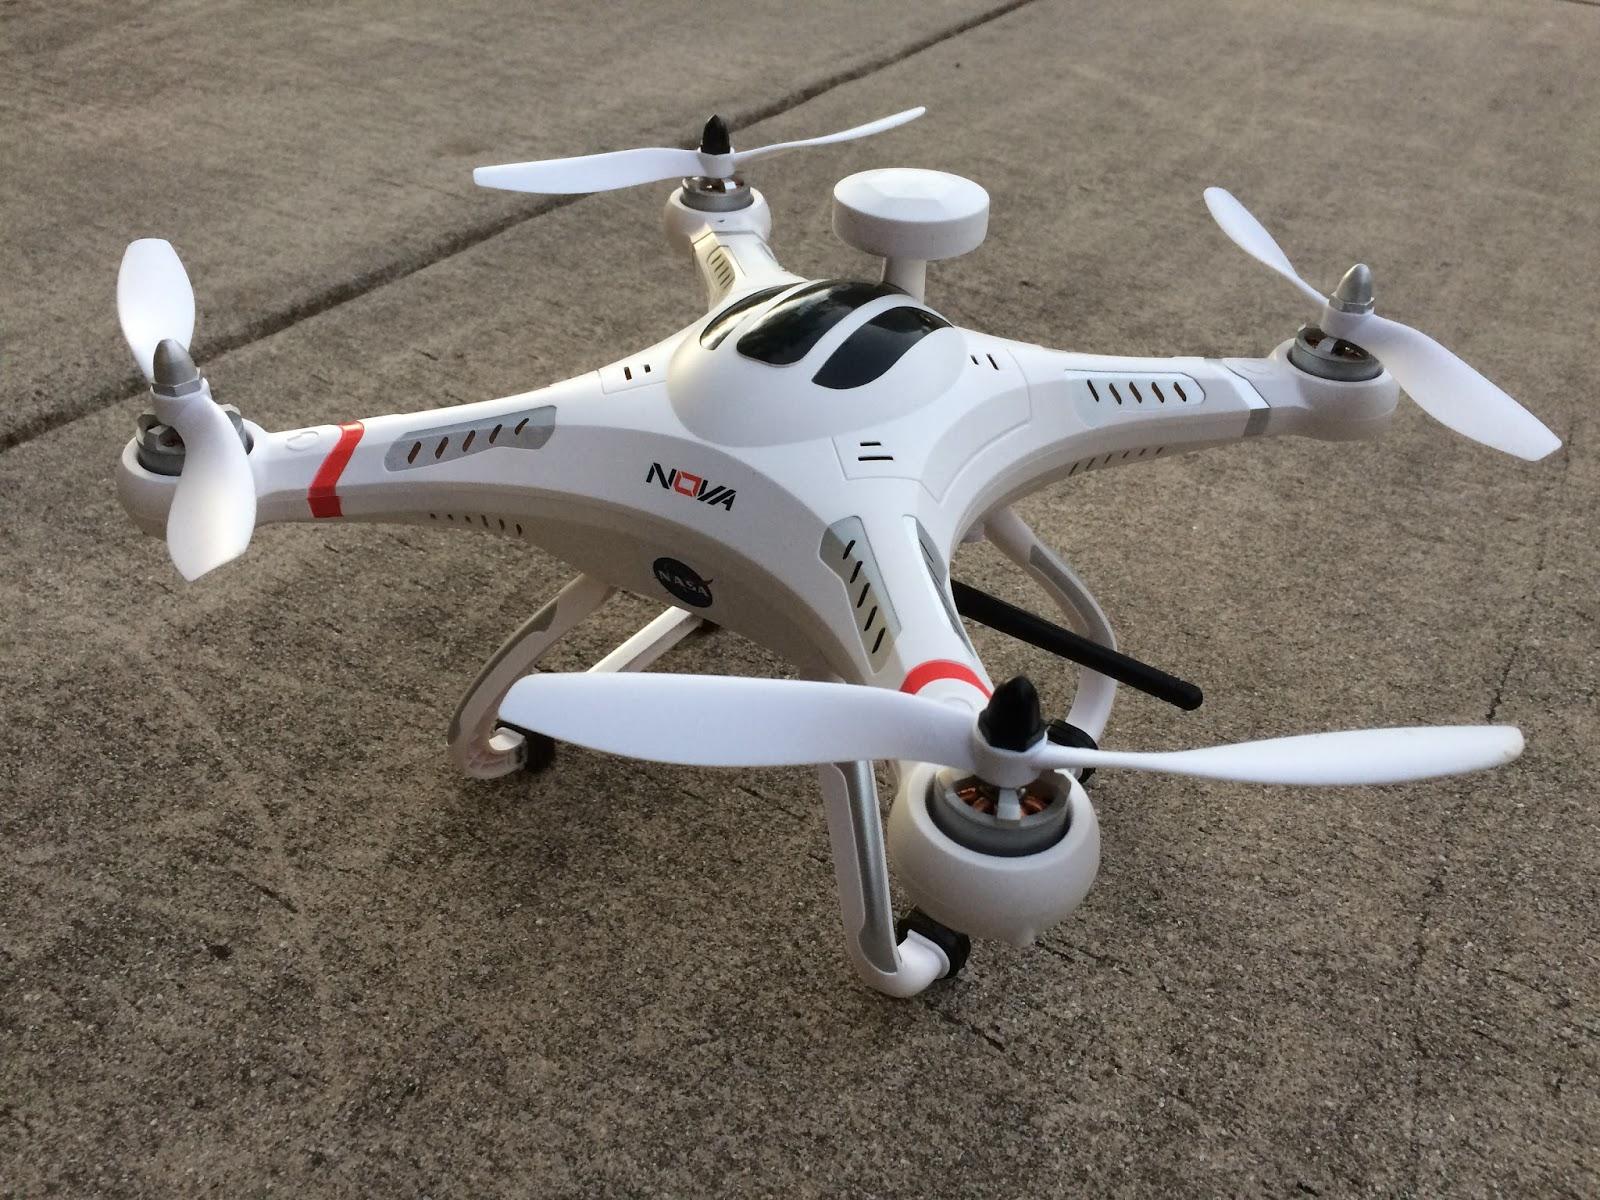 Quadcopter-Robotics: Successful Nova-360 (2017) Flight